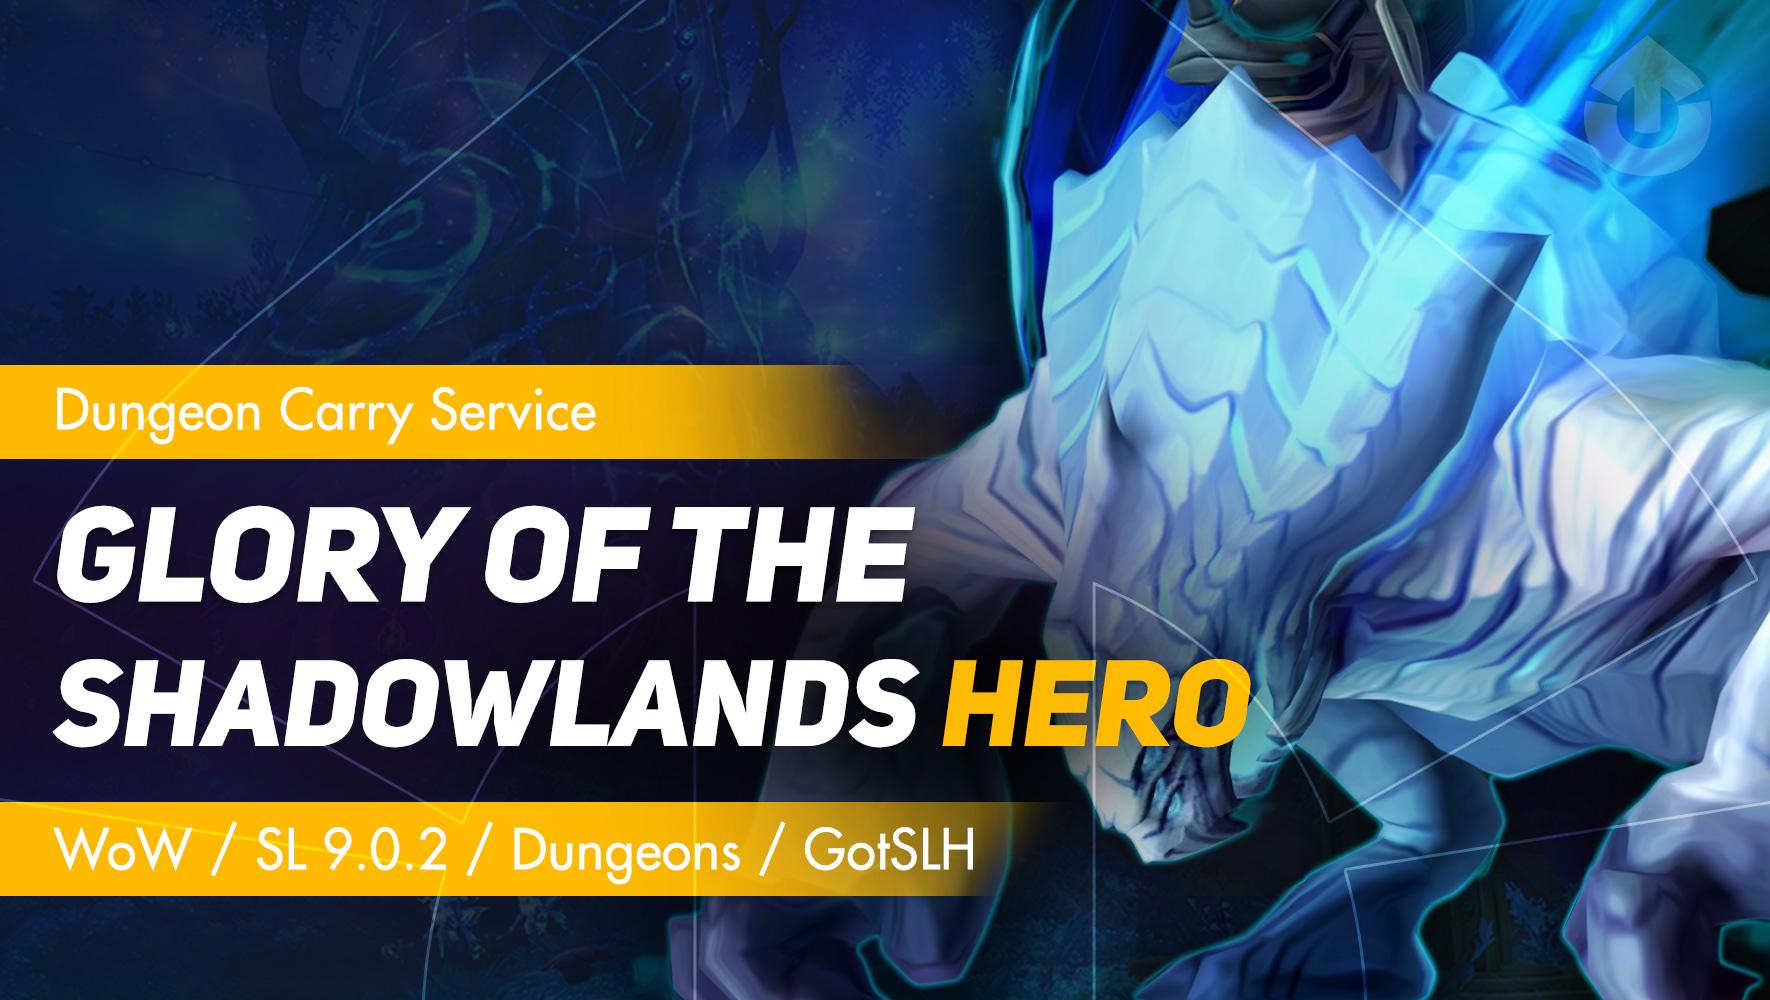 Glory of the Shadowlands Hero GBD - e2p.com